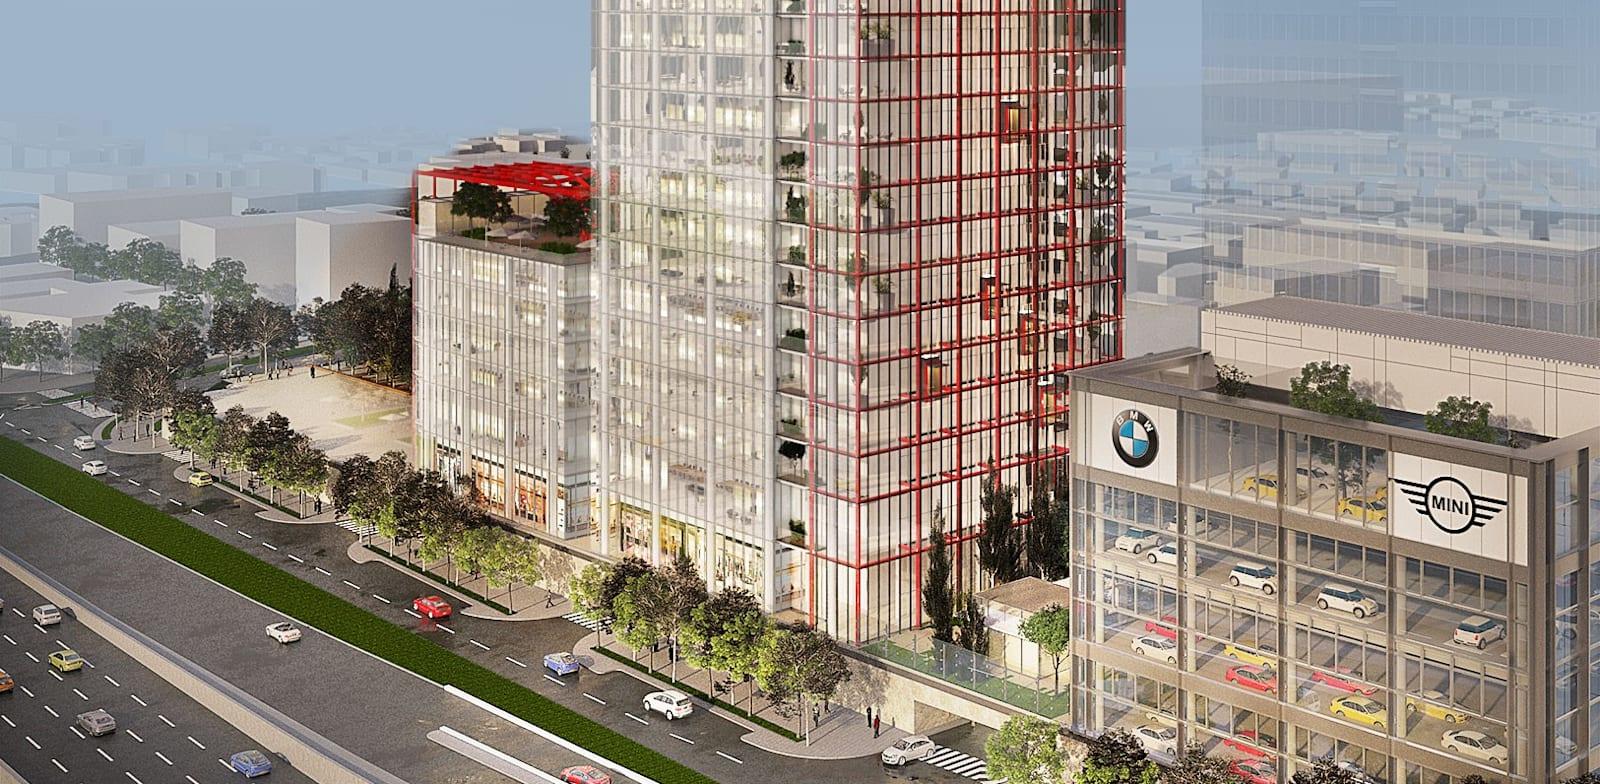 הדמייה של מגדל בנק הפועלים בפרויקט ויתניה תל אביב / צילום: ישר אדריכלים